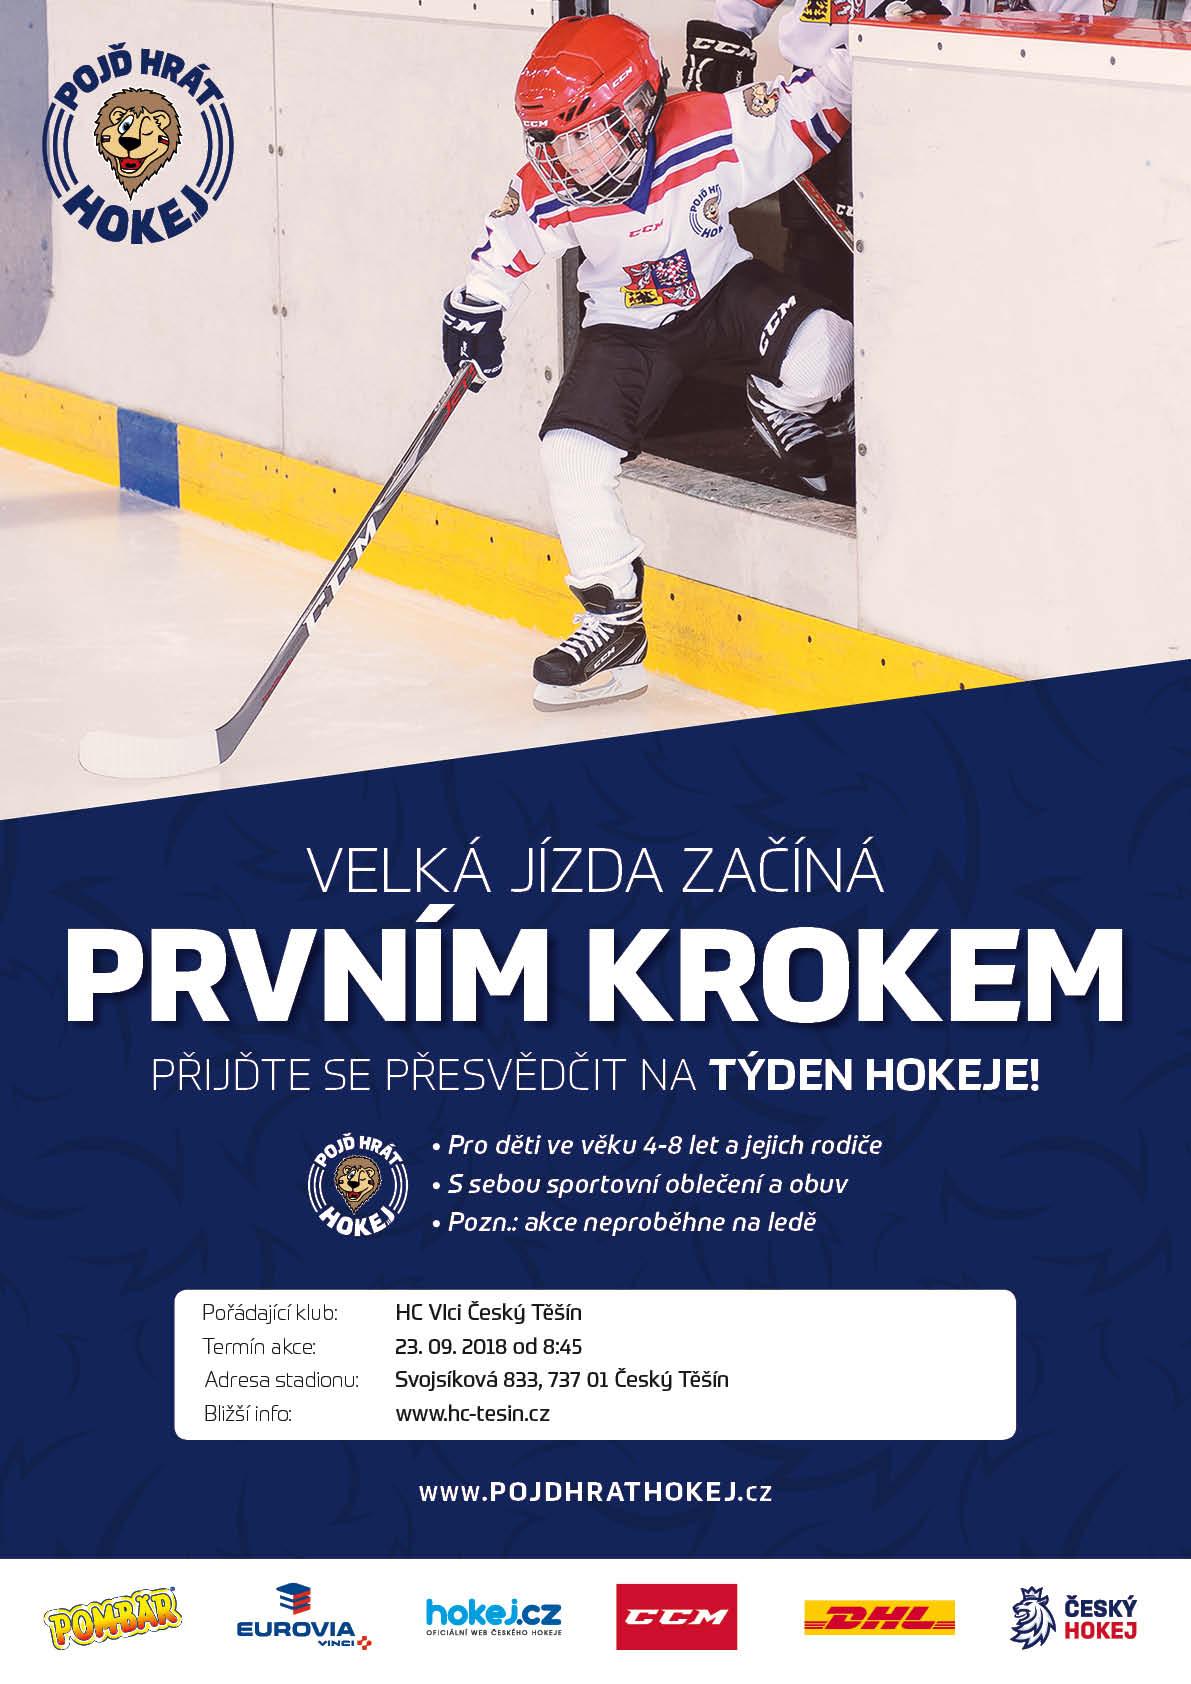 79acd31b9 Kromě zážitku si každé dítě navíc domů odnese zajímavý hokejový dárek.  Přijďte si vyzkoušet lední hokej a zažijte spoustu zábavy.